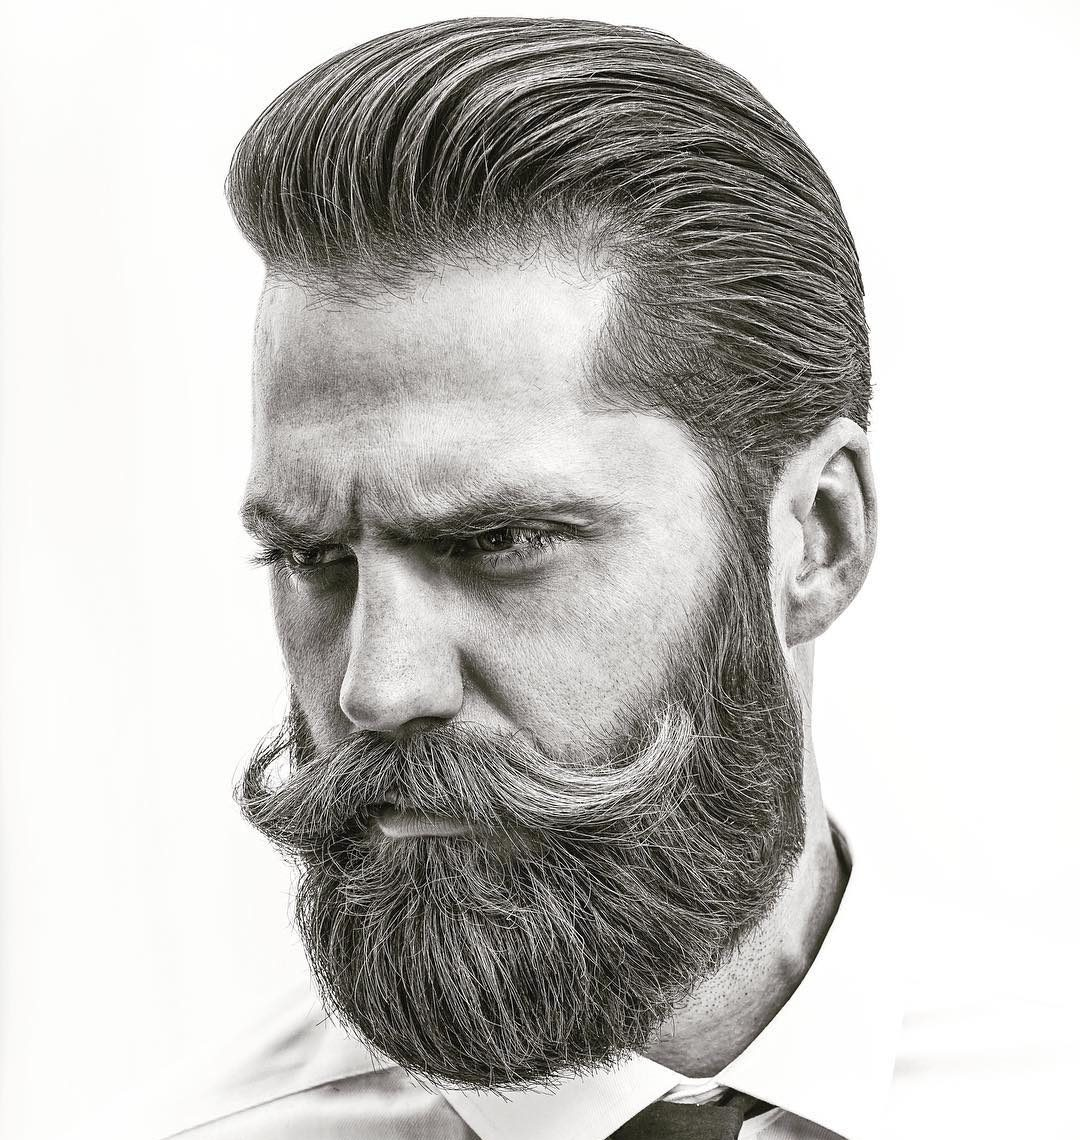 18 styles de barbe cool que vous devriez essayer 5f3f953fc6d6e - 18 styles de barbe cool que vous devriez essayer